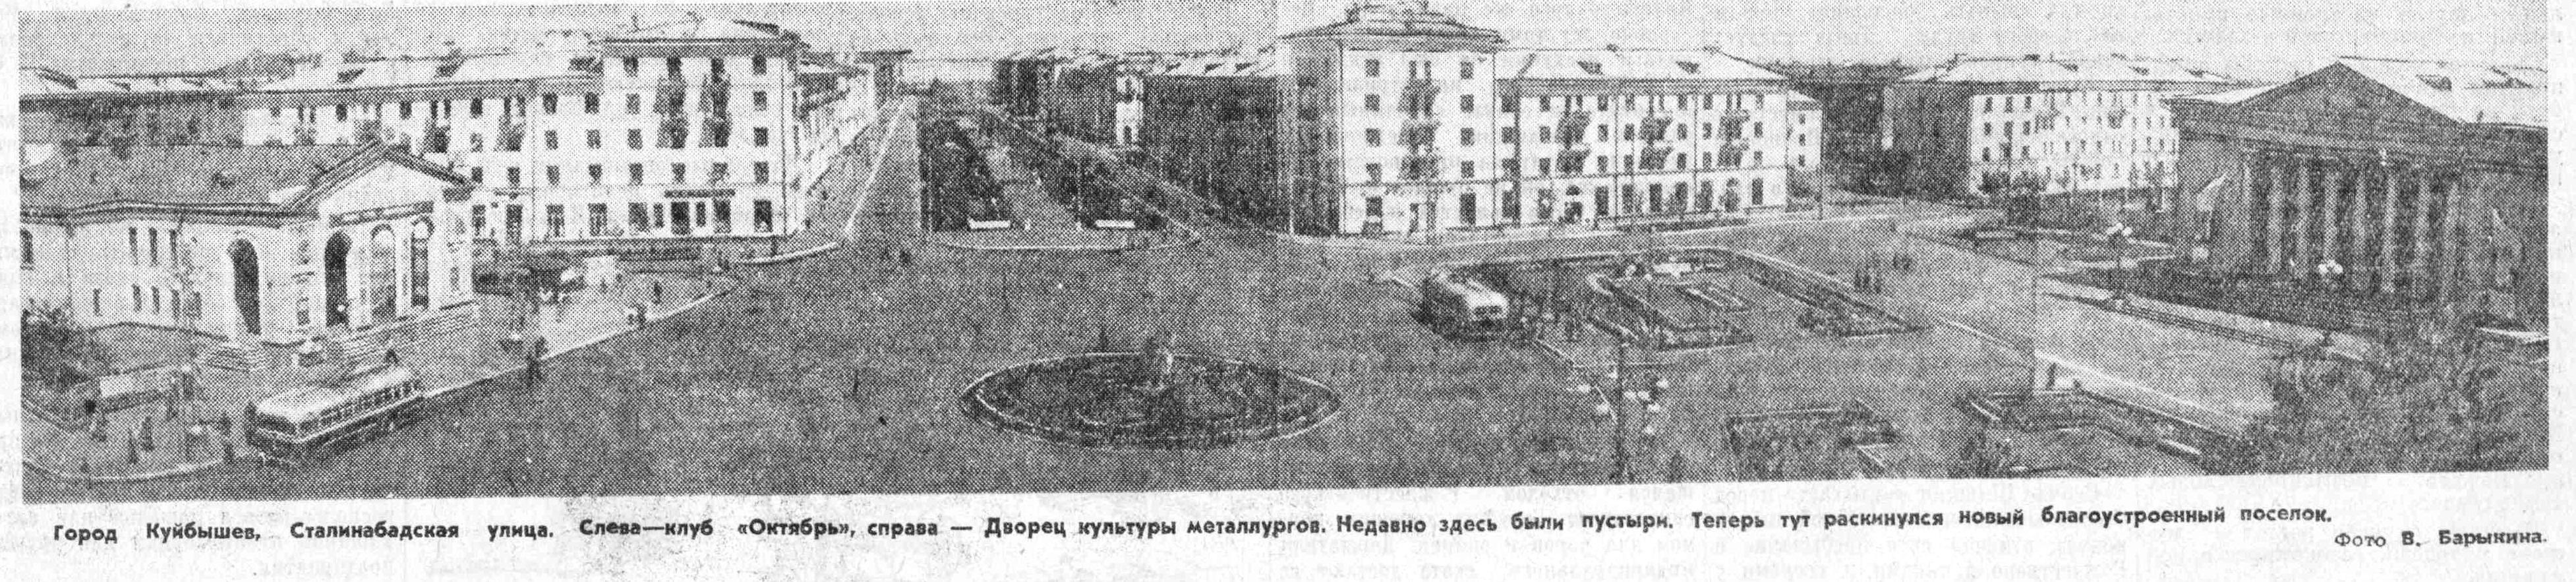 ФОТО-39-Металлургов-ВКа-1960-09-18-фото с пл. Метал.